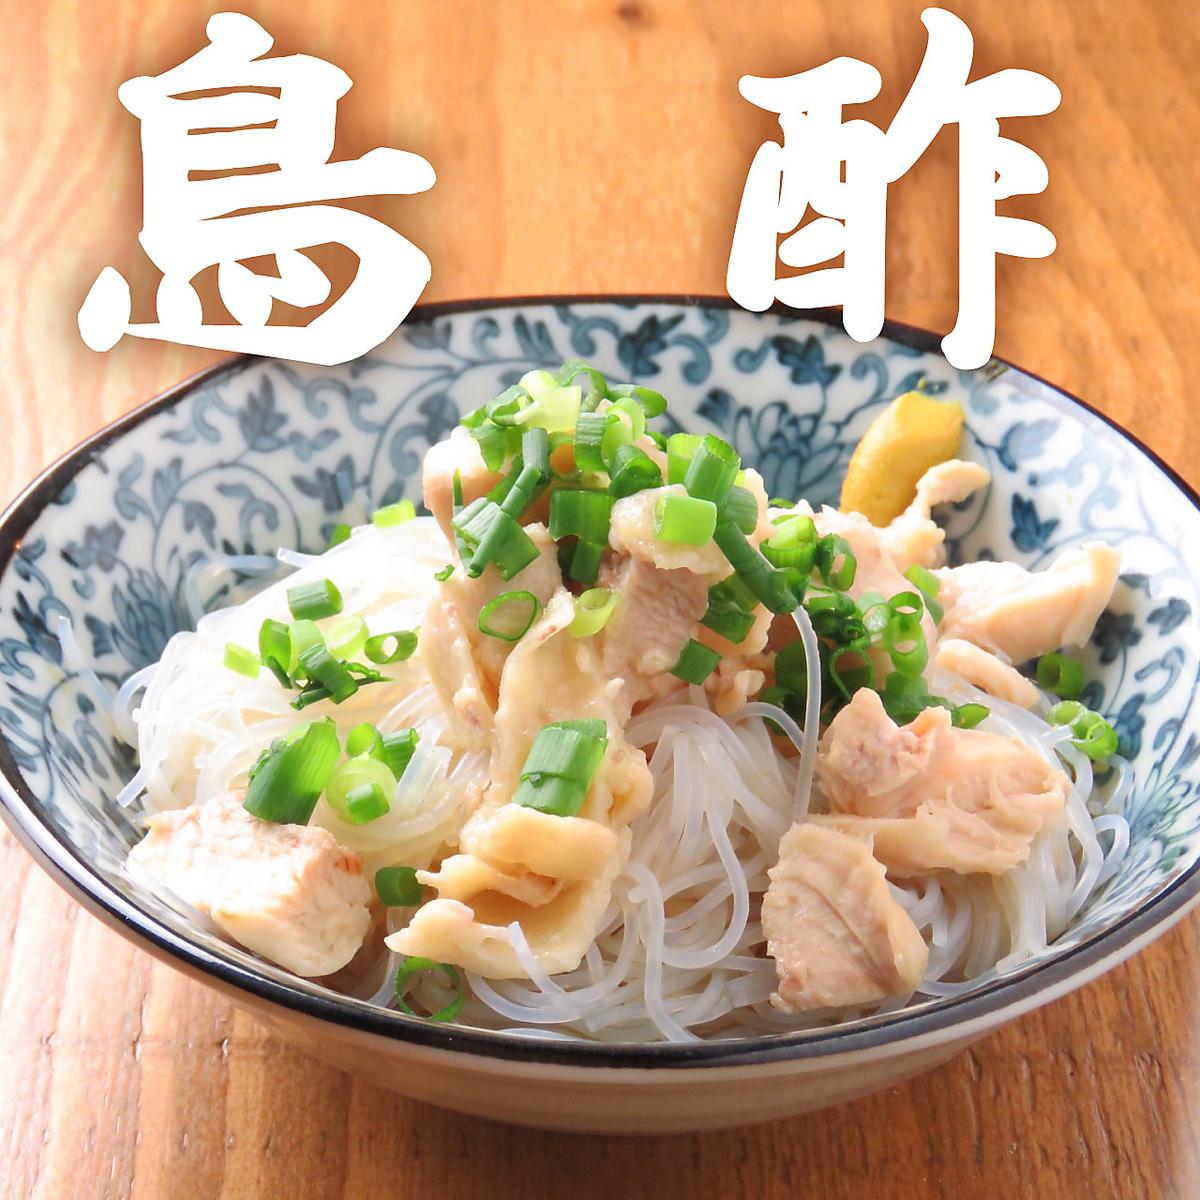 <开胃菜>鸡肉醋/鸡皮橙子